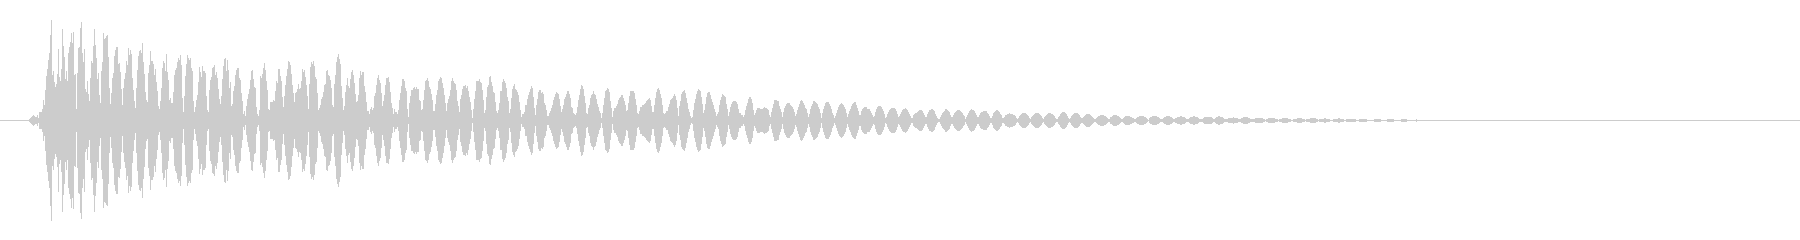 ダン!!(よく響くバスドラムの音)の未再生の波形